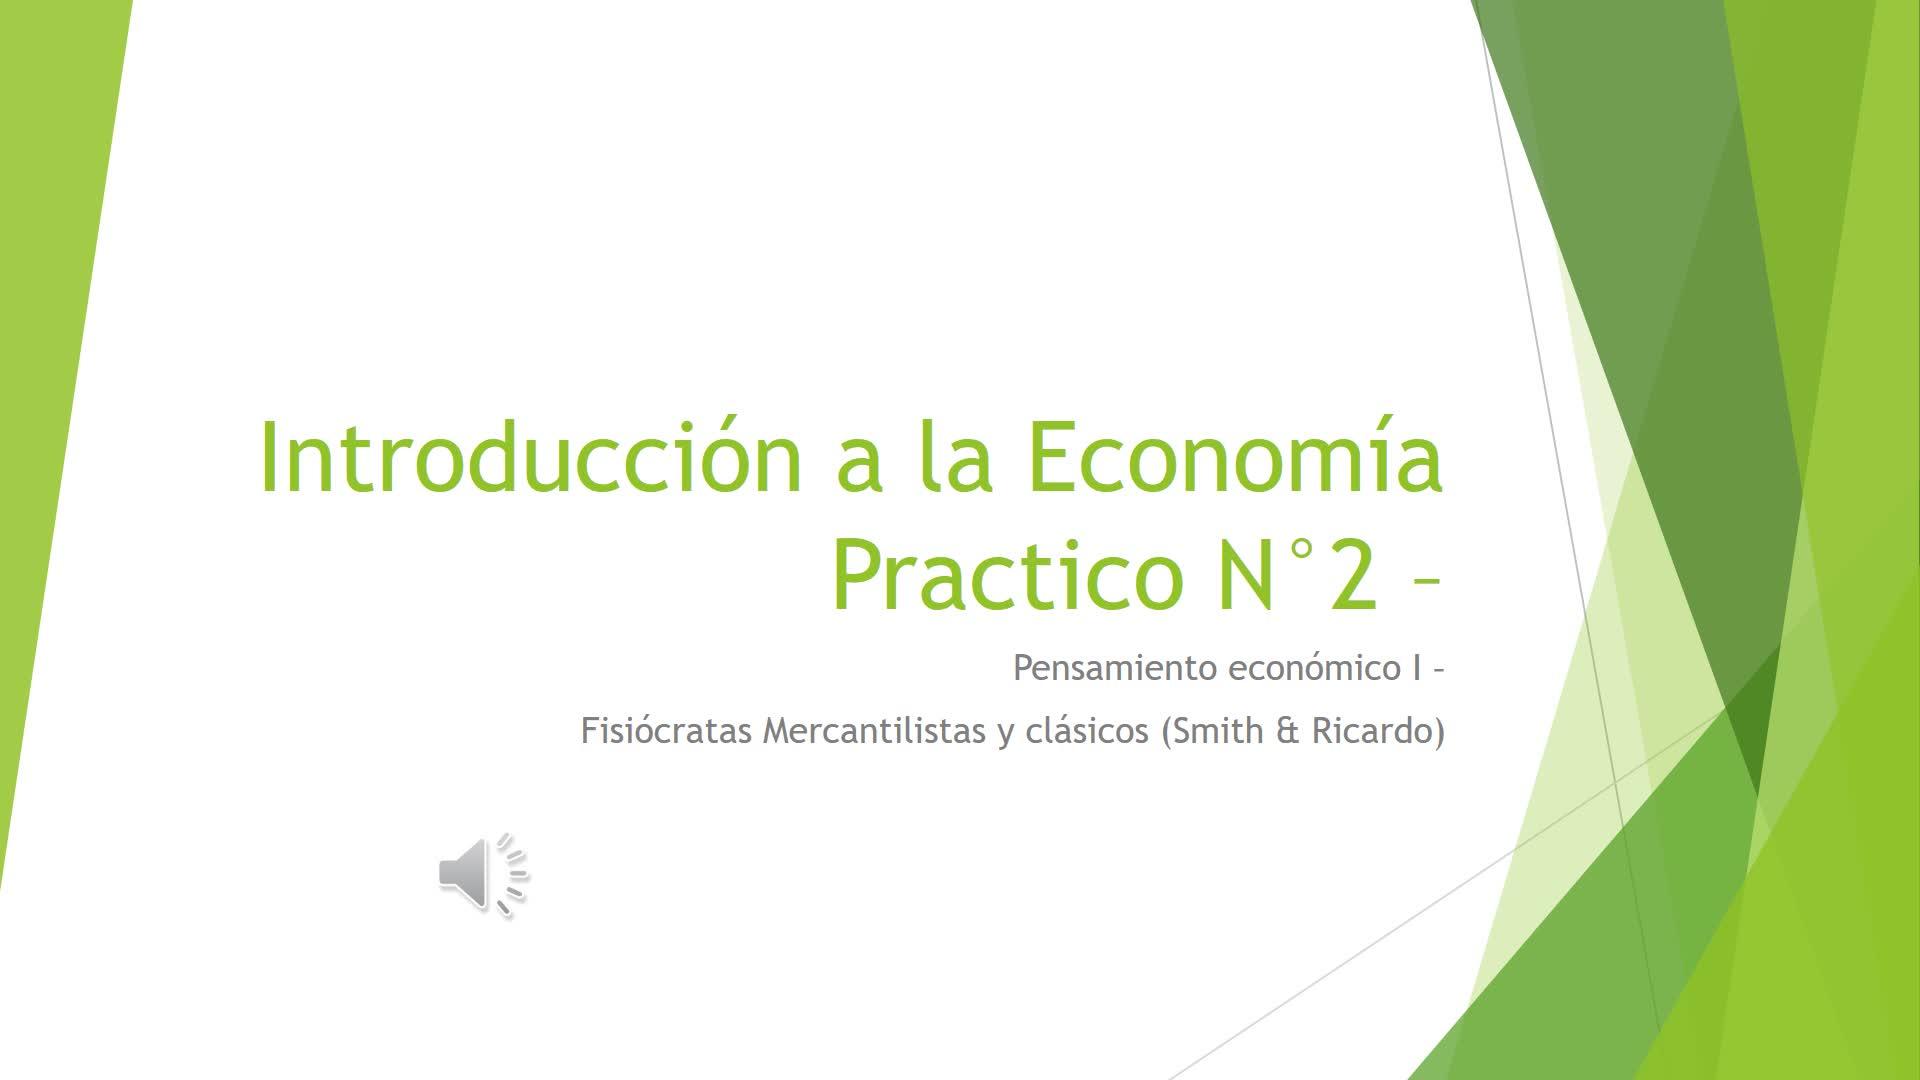 Clase Práctica Nº 2. Introducción a la Economía módulo Díaz